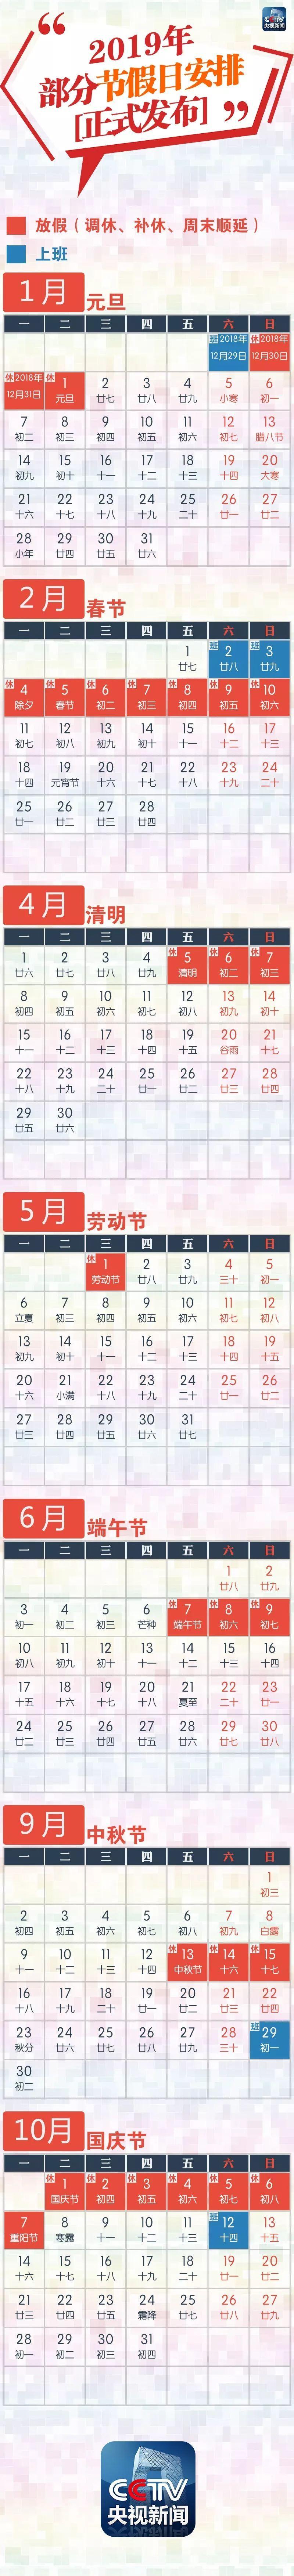 2019假期怎么安排 春节放假调休共7天的照片 - 2